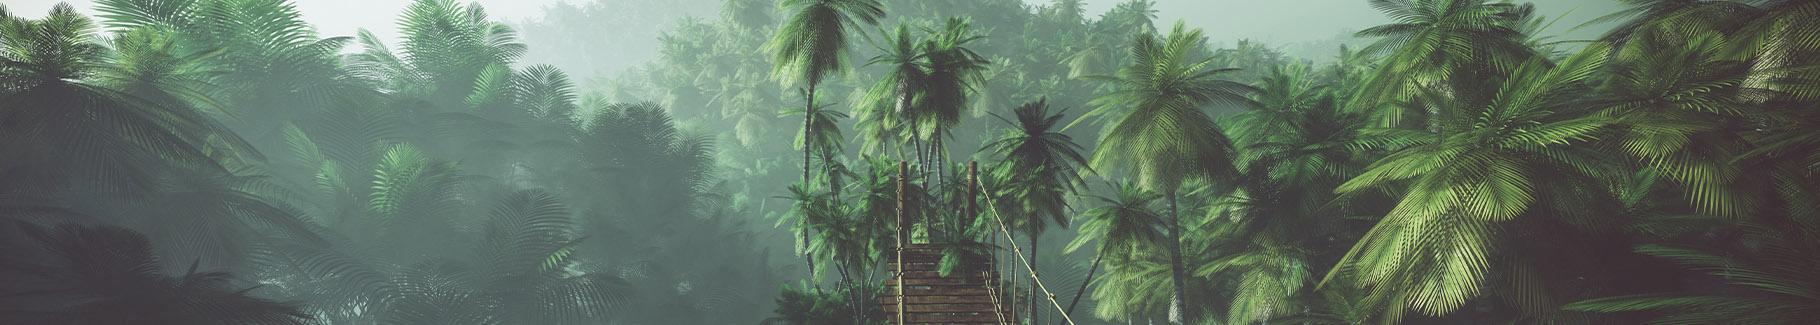 Fototapeta tropikalne palmy 3D